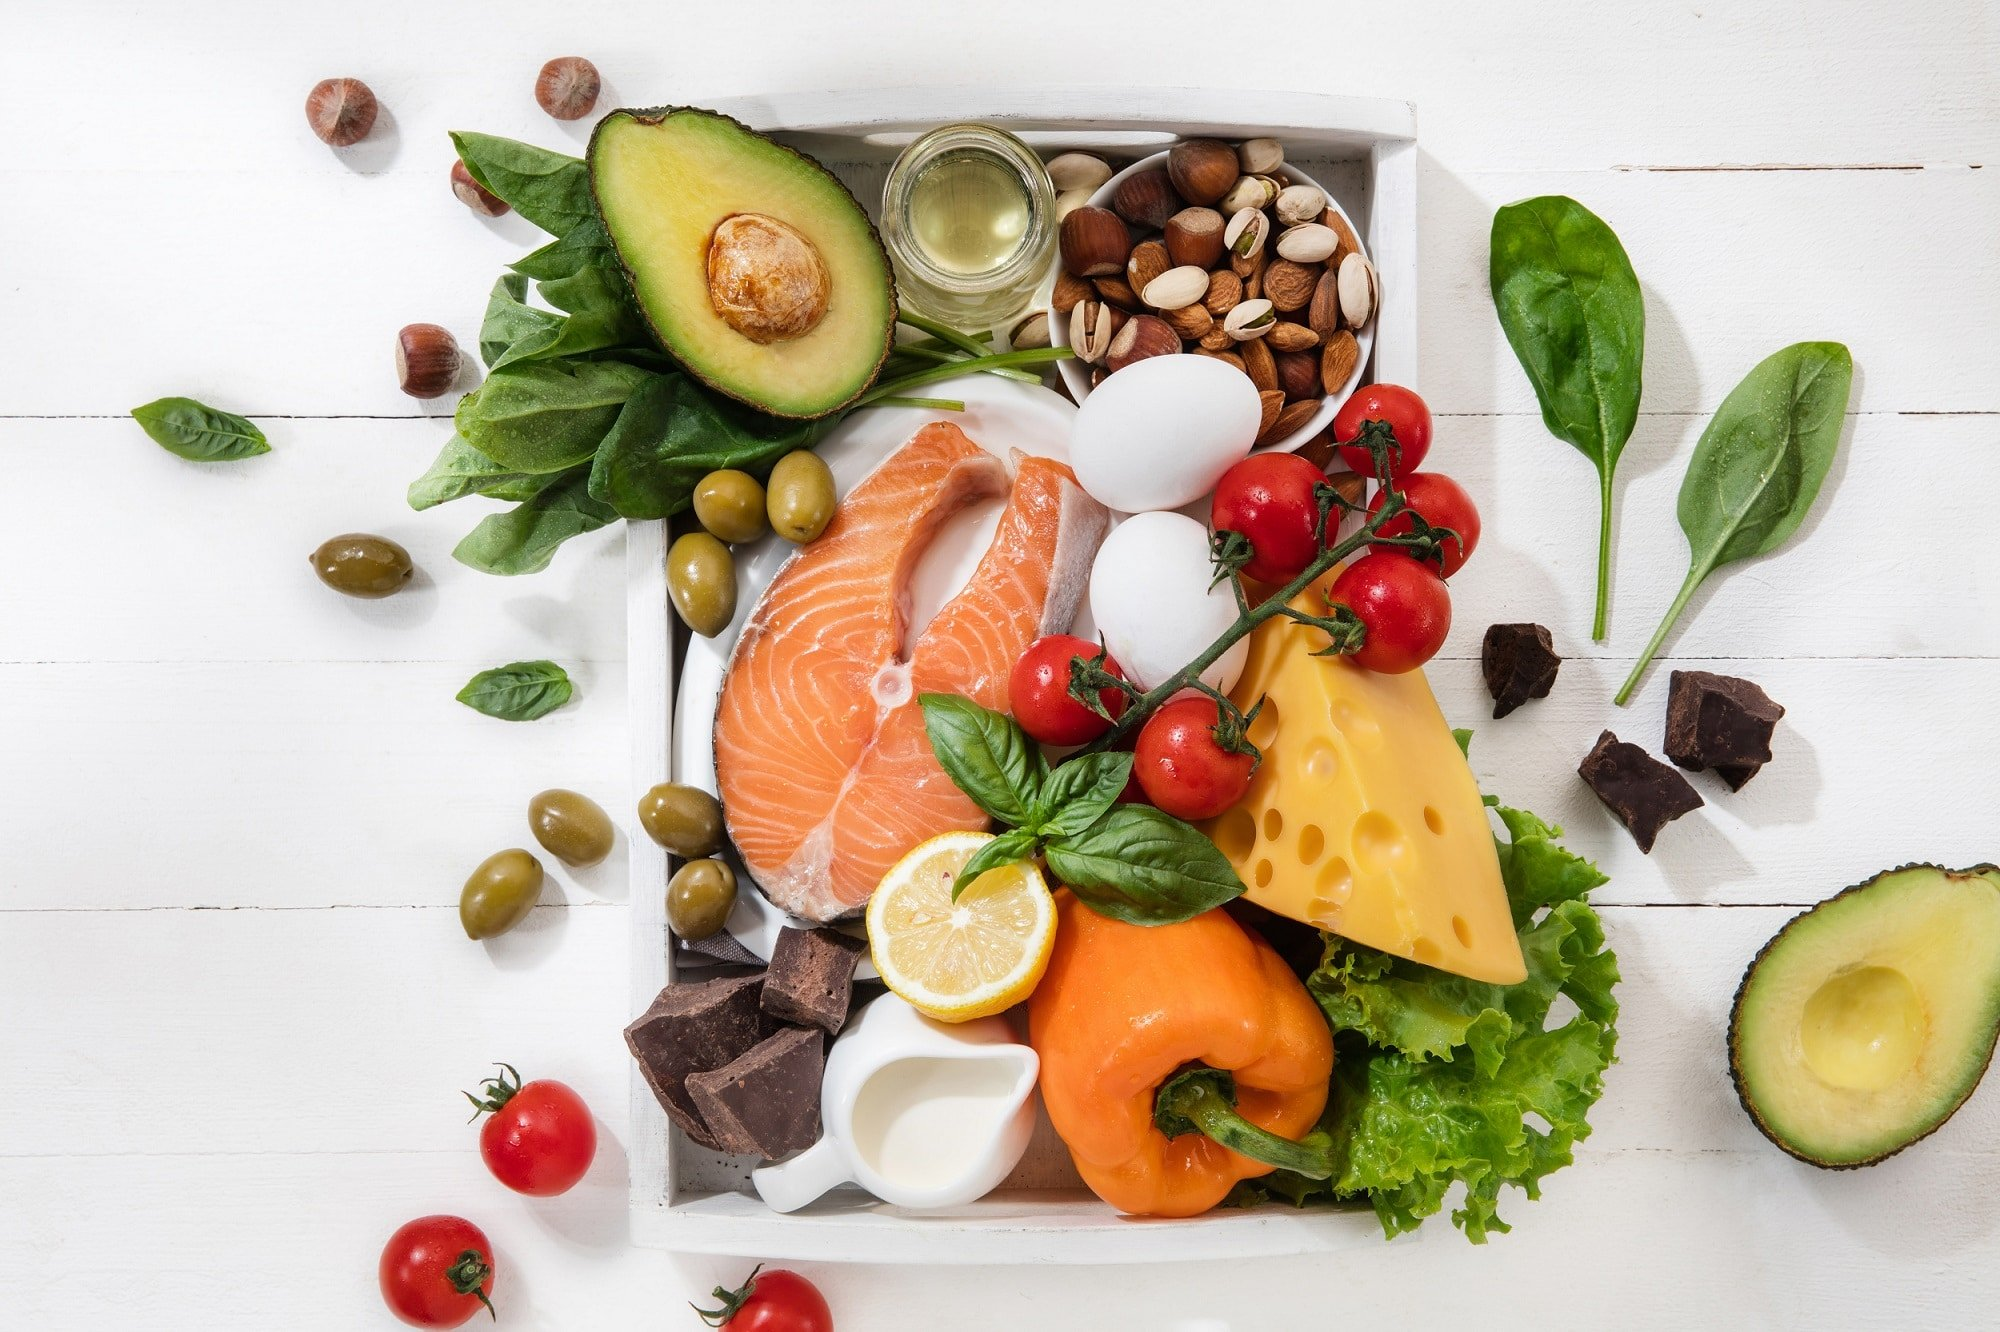 Beljakovine v prehrani